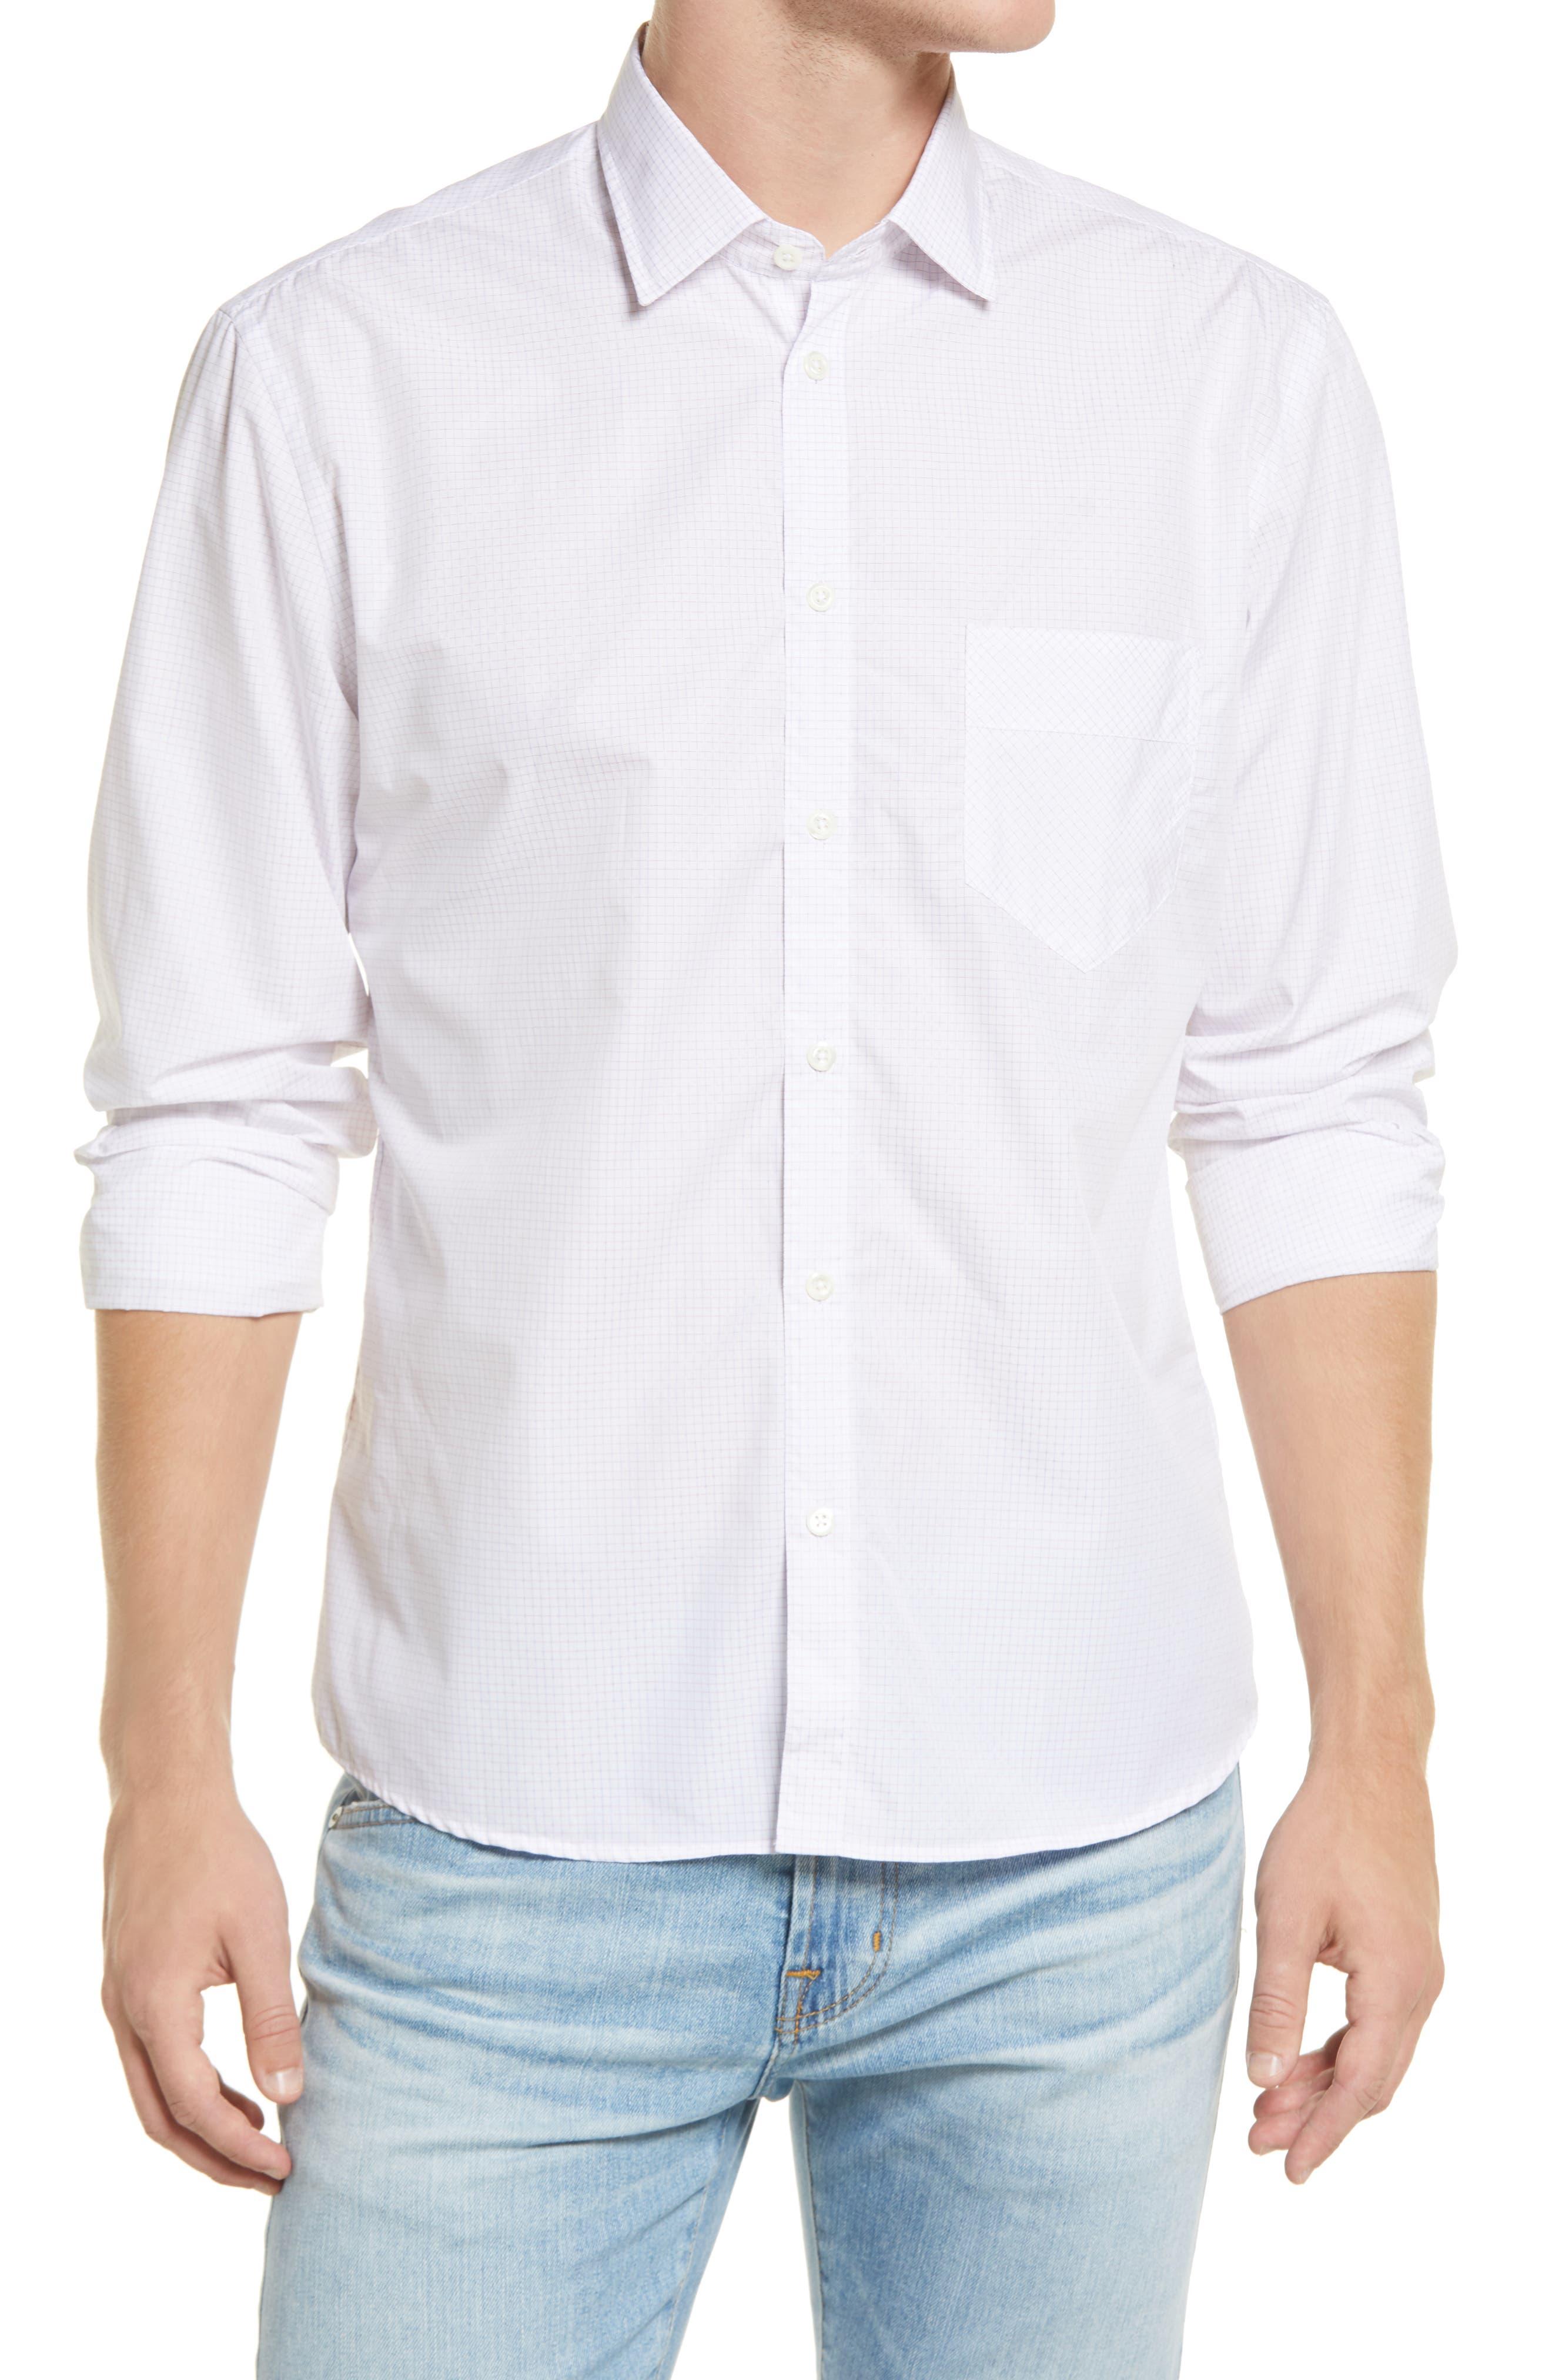 John T Standard Fit Check Button-Up Shirt